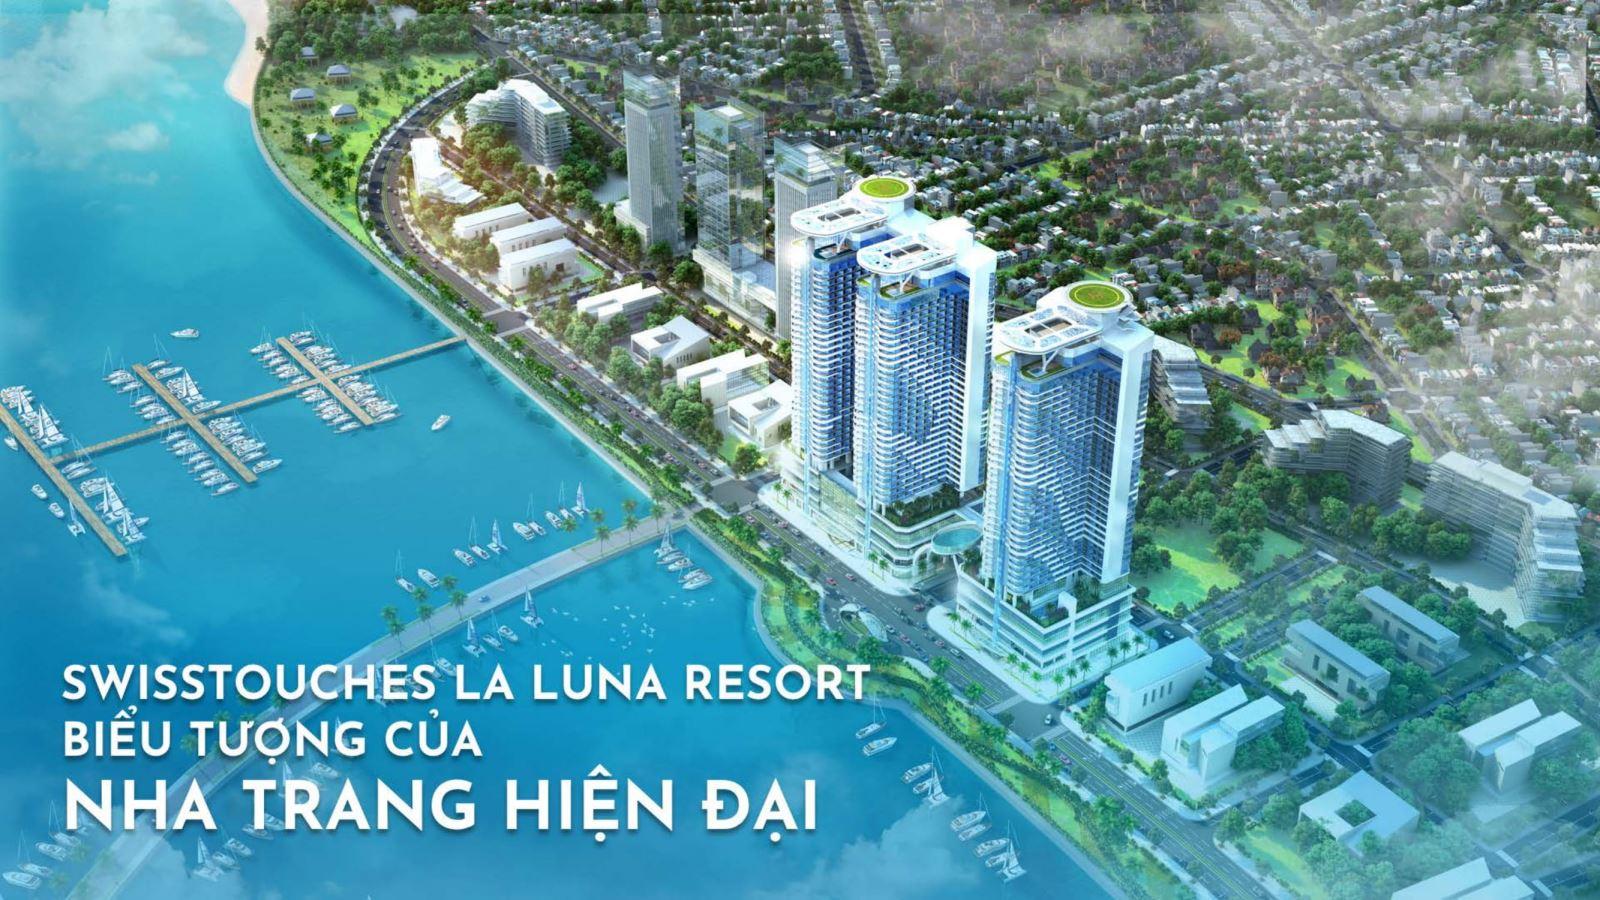 Swisstouches La Luna Resort - Biểu tượng của Nha Trang hiện đại.